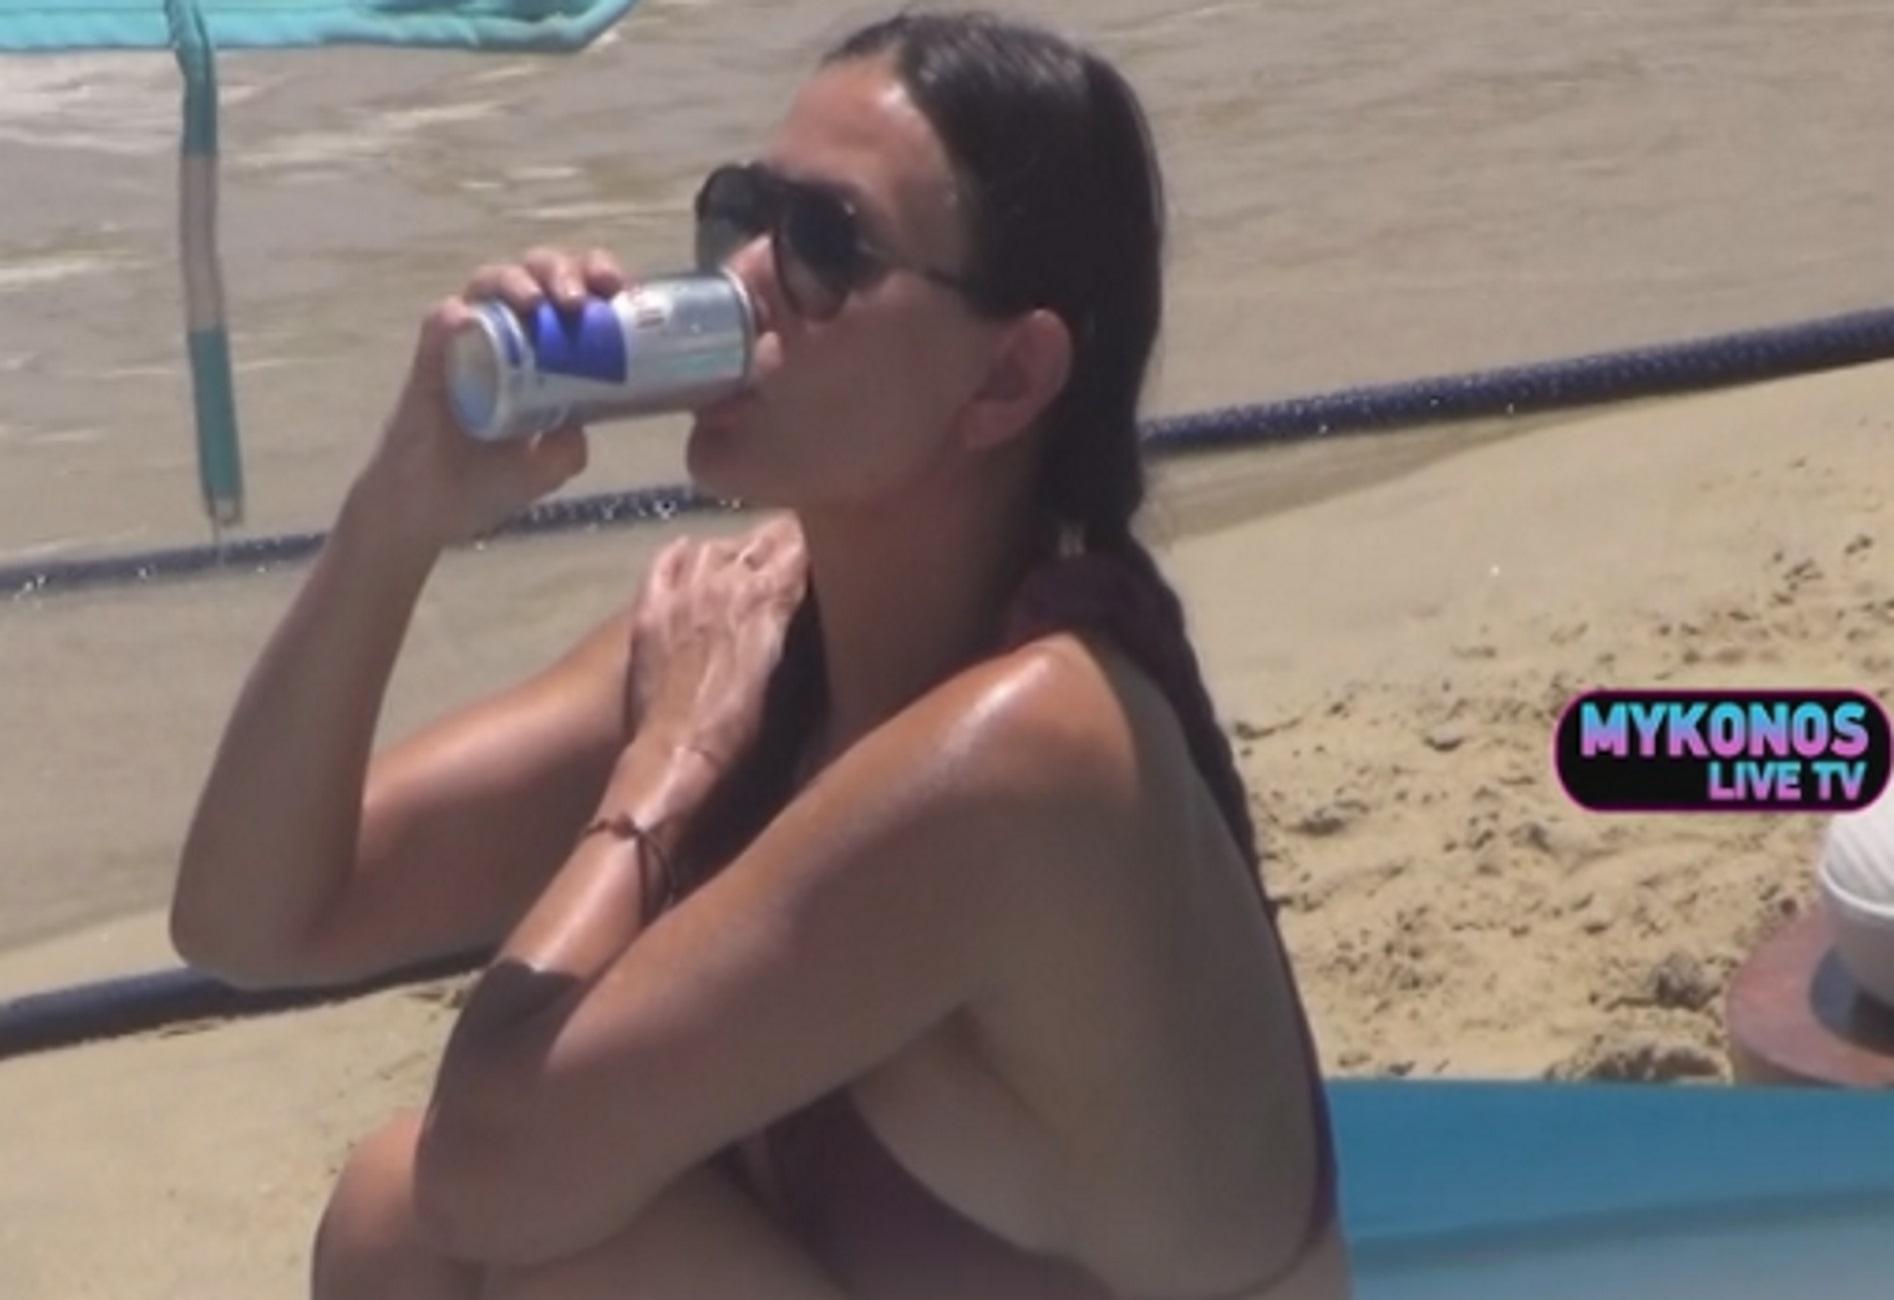 Μύκονος: Η Ντέμι Μουρ και η κόρη της αναστάτωσαν την παραλία – Με κορμί εικοσάρας η μεγάλη σταρ